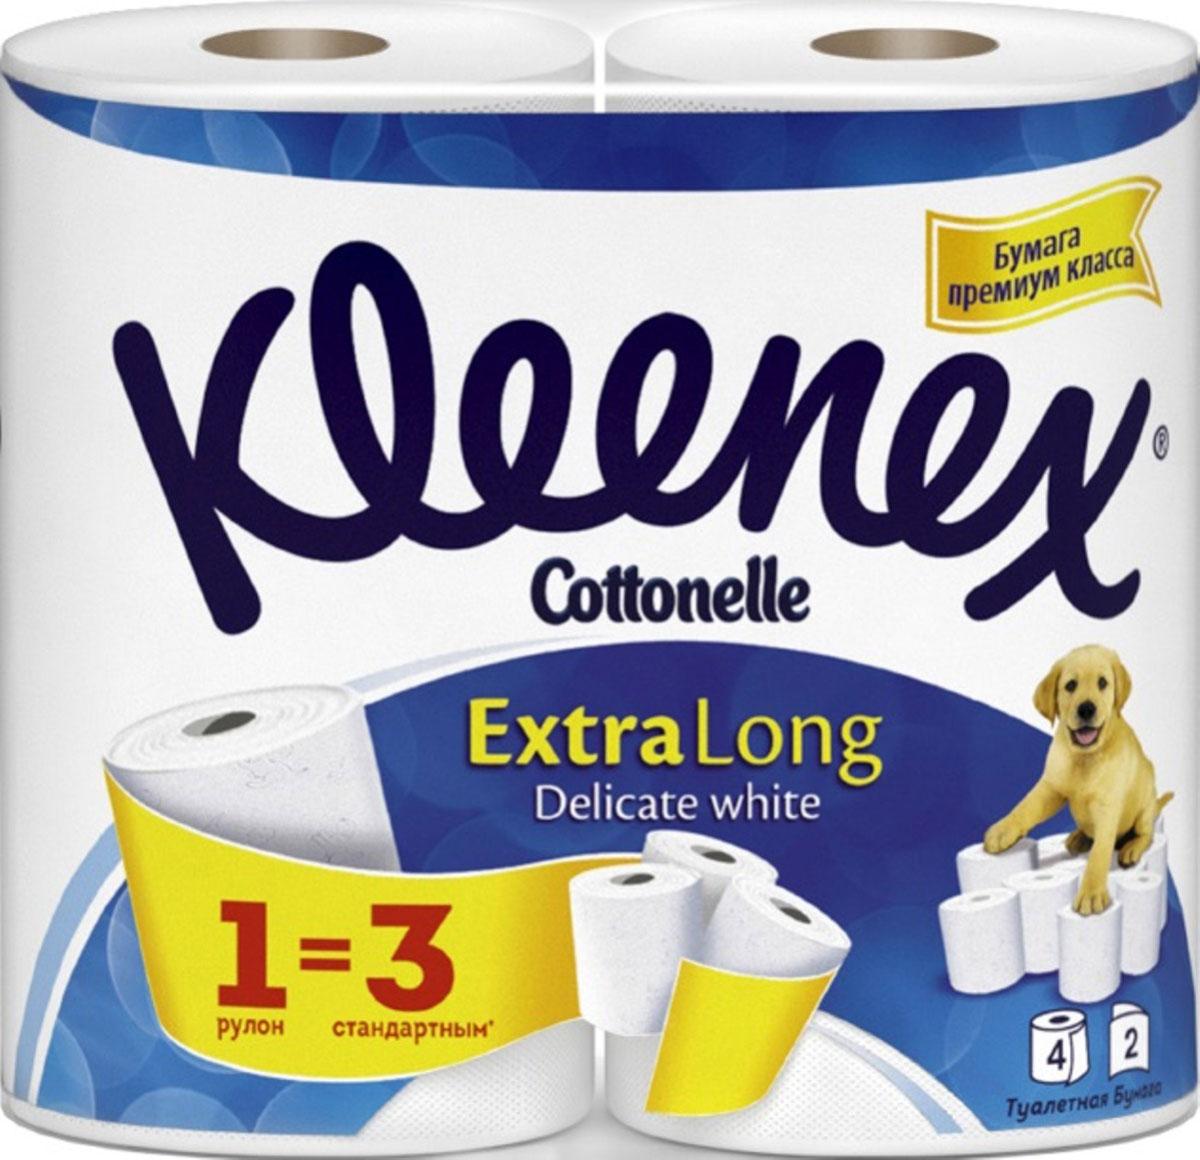 Kleenex Cottonelle Туалетная бумага Extra Long, двухслойная, цвет: белый, 4 рулона. 9450044531-401Туалетная бумага Kleenex Cottonelle Extra Long изготовлена из целлюлозы высшего качества. Двухслойные листы белого цвета имеют рисунок с тиснением. Мягкая, нежная, но в тоже время прочная, бумага не расслаивается и отрывается строго по линии перфорации.